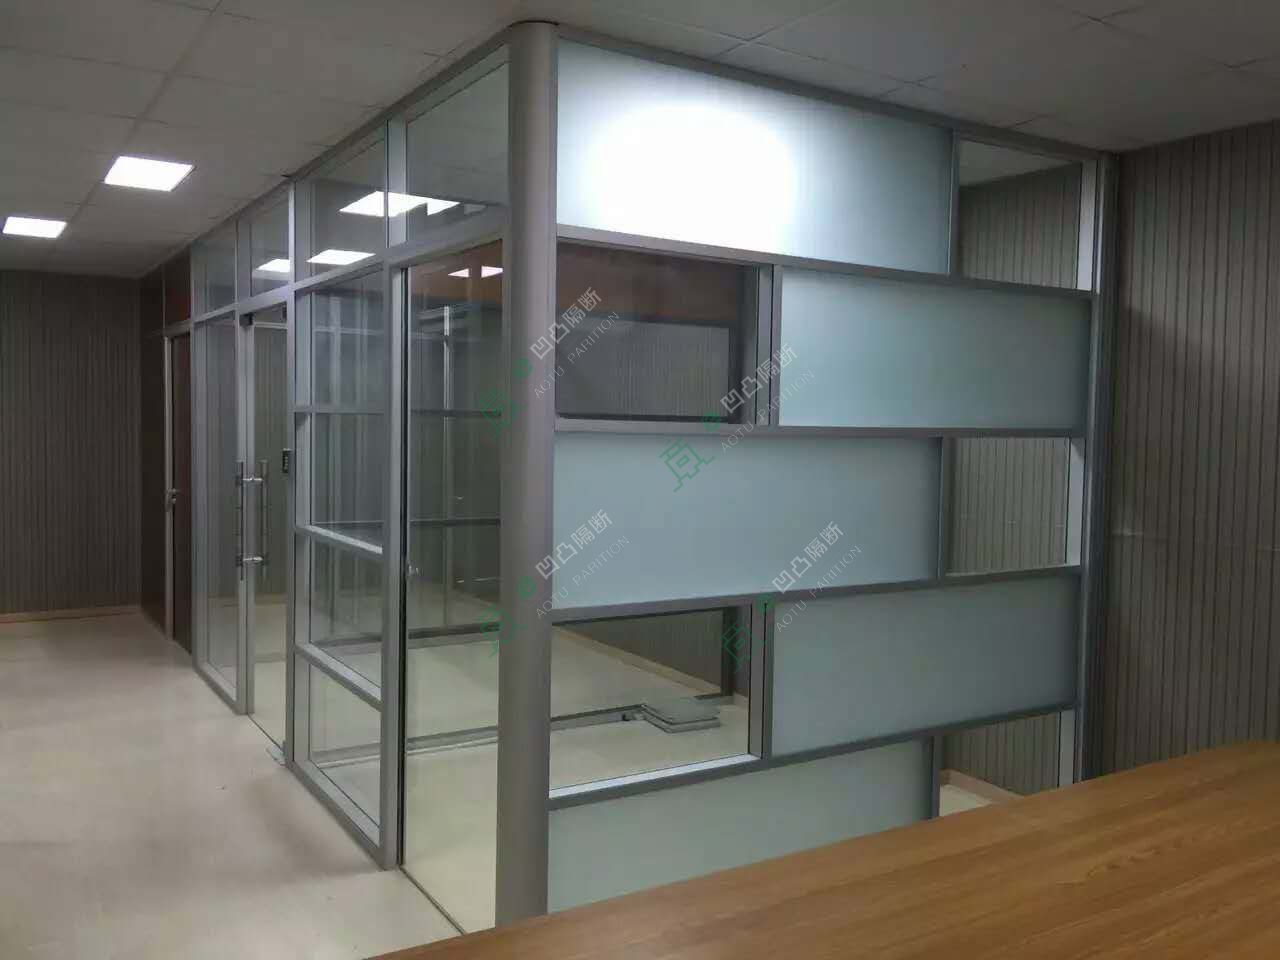 有一种玻璃隔断叫「私人定制」_安徽玻璃隔断_池州办公室隔断